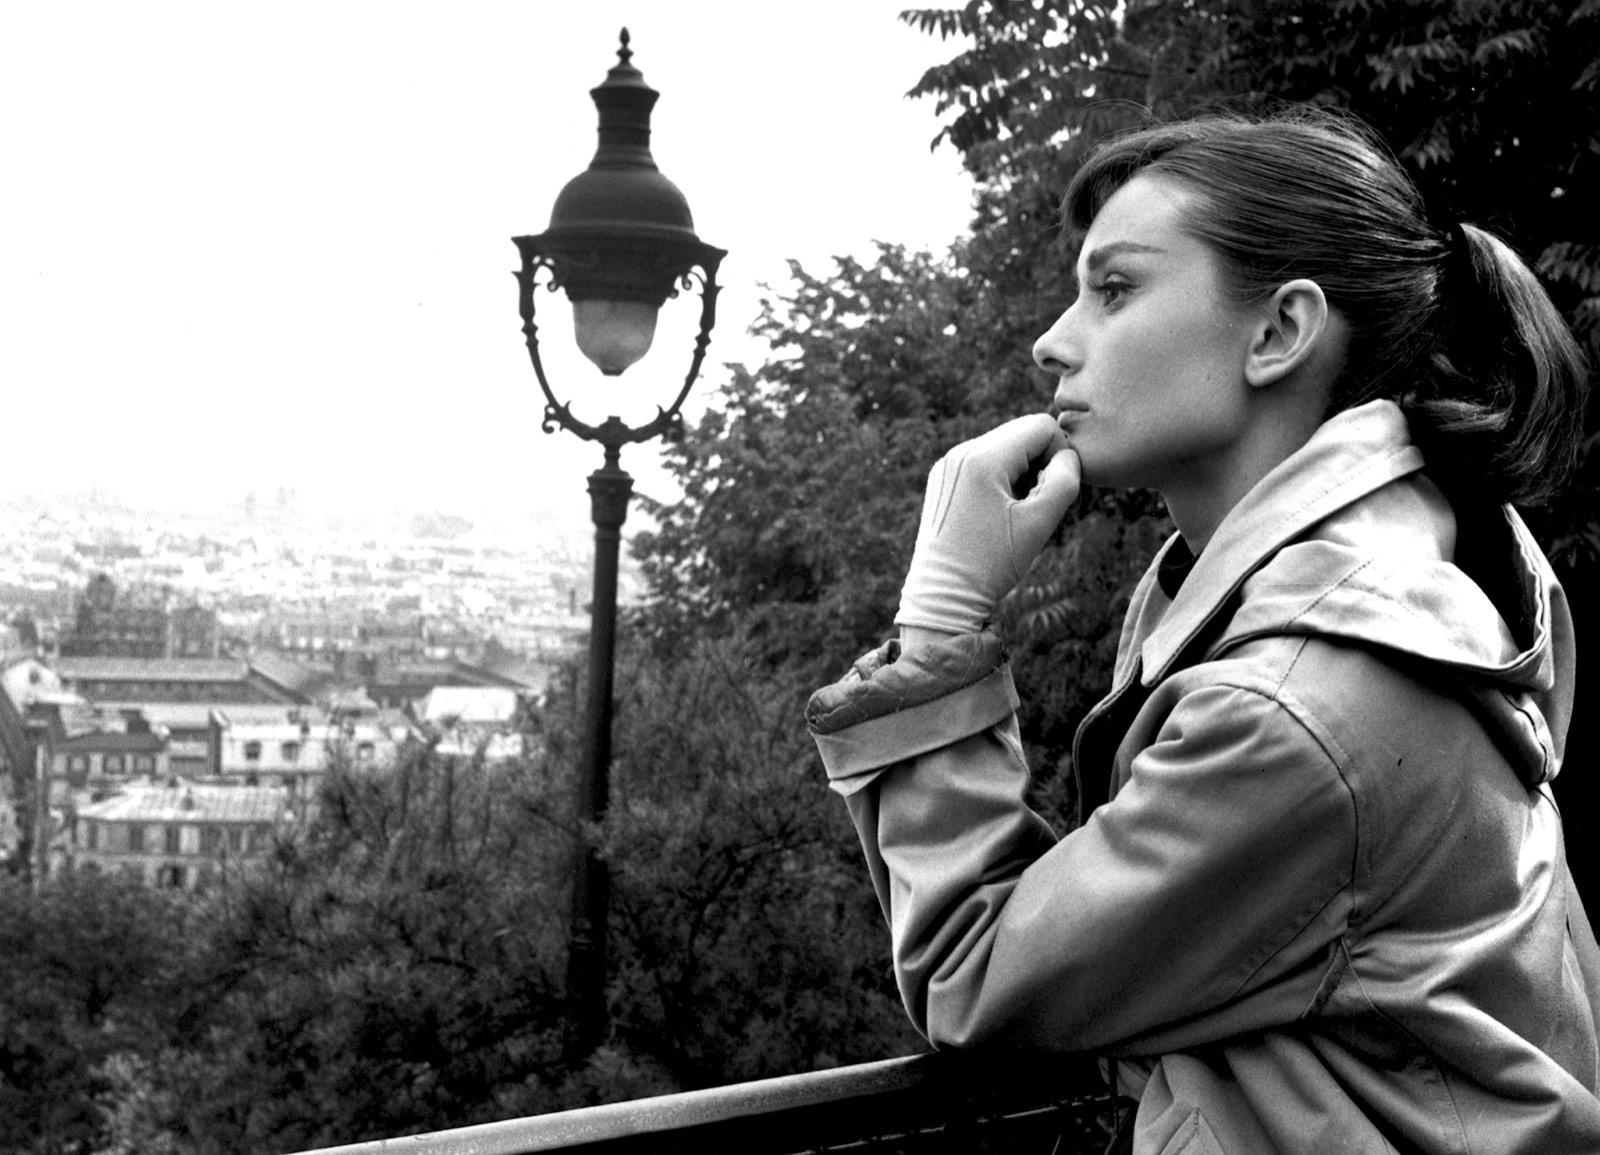 Audrey Hepburn in the City of Love